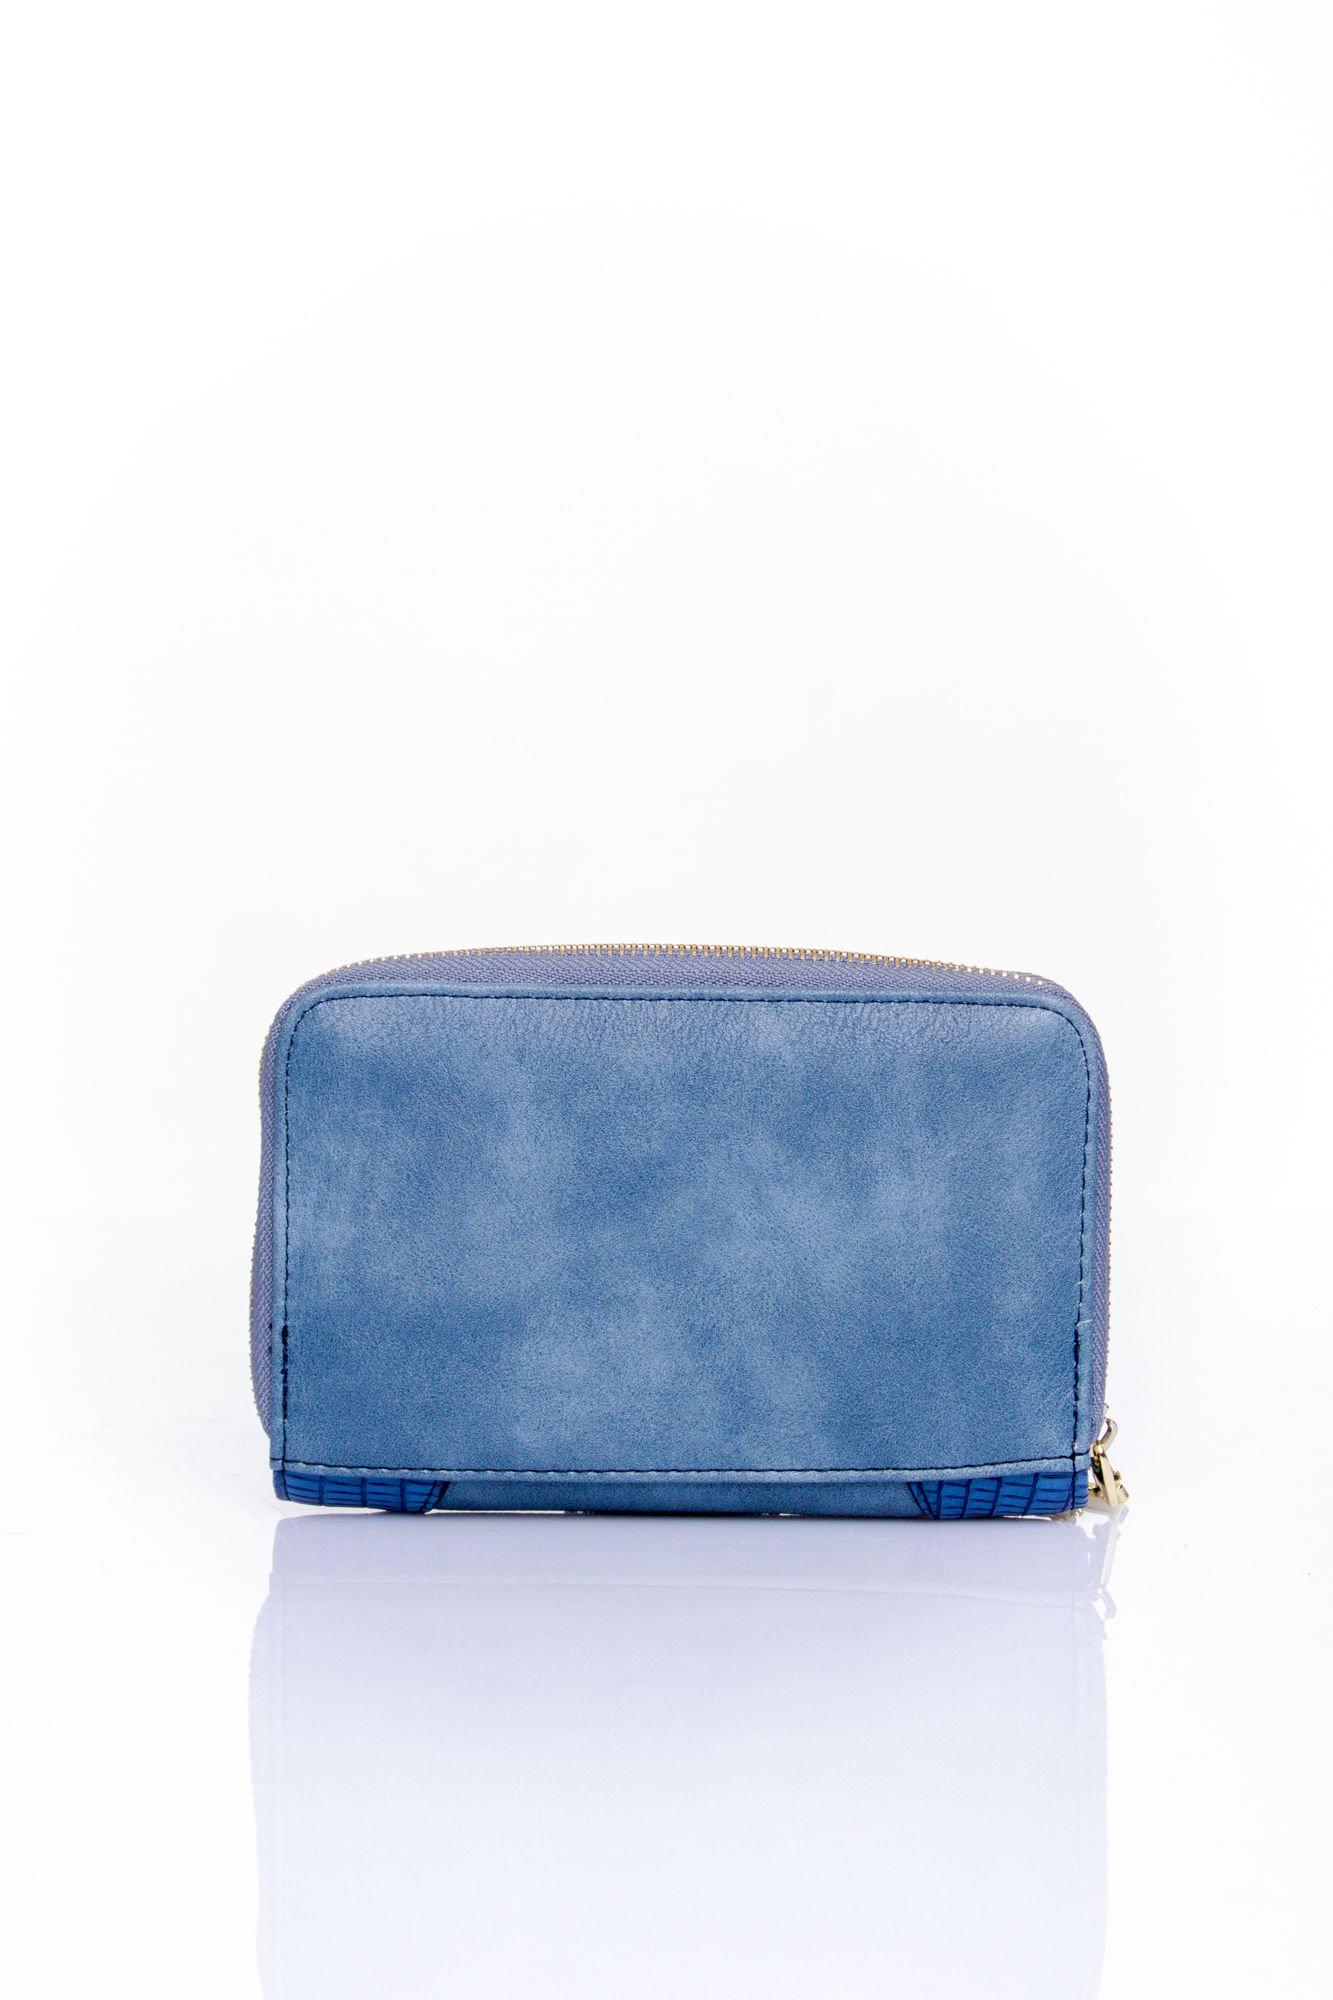 Ciemnoniebieski portfel z ozdobną złotą klamrą                                  zdj.                                  2